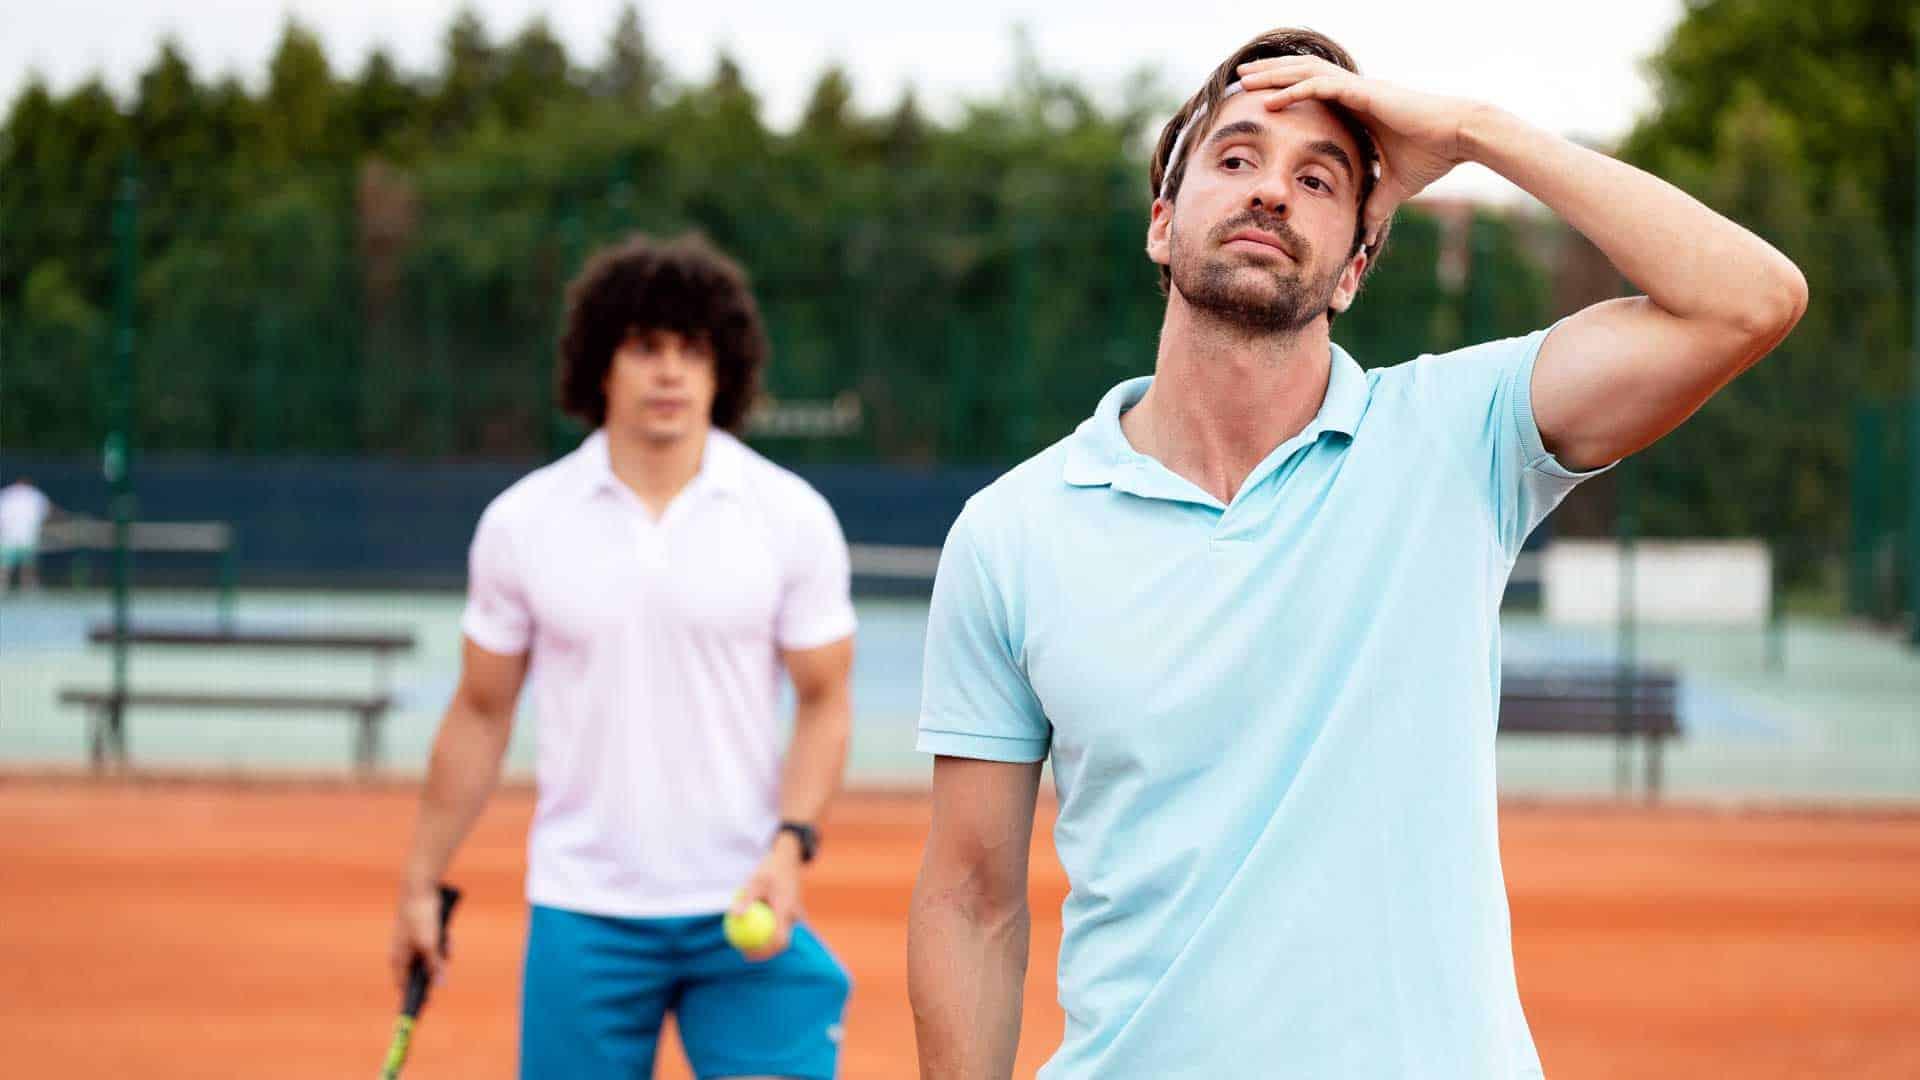 Marco Principi Coaching YouTube Video Il Gioco Interiore Tennis